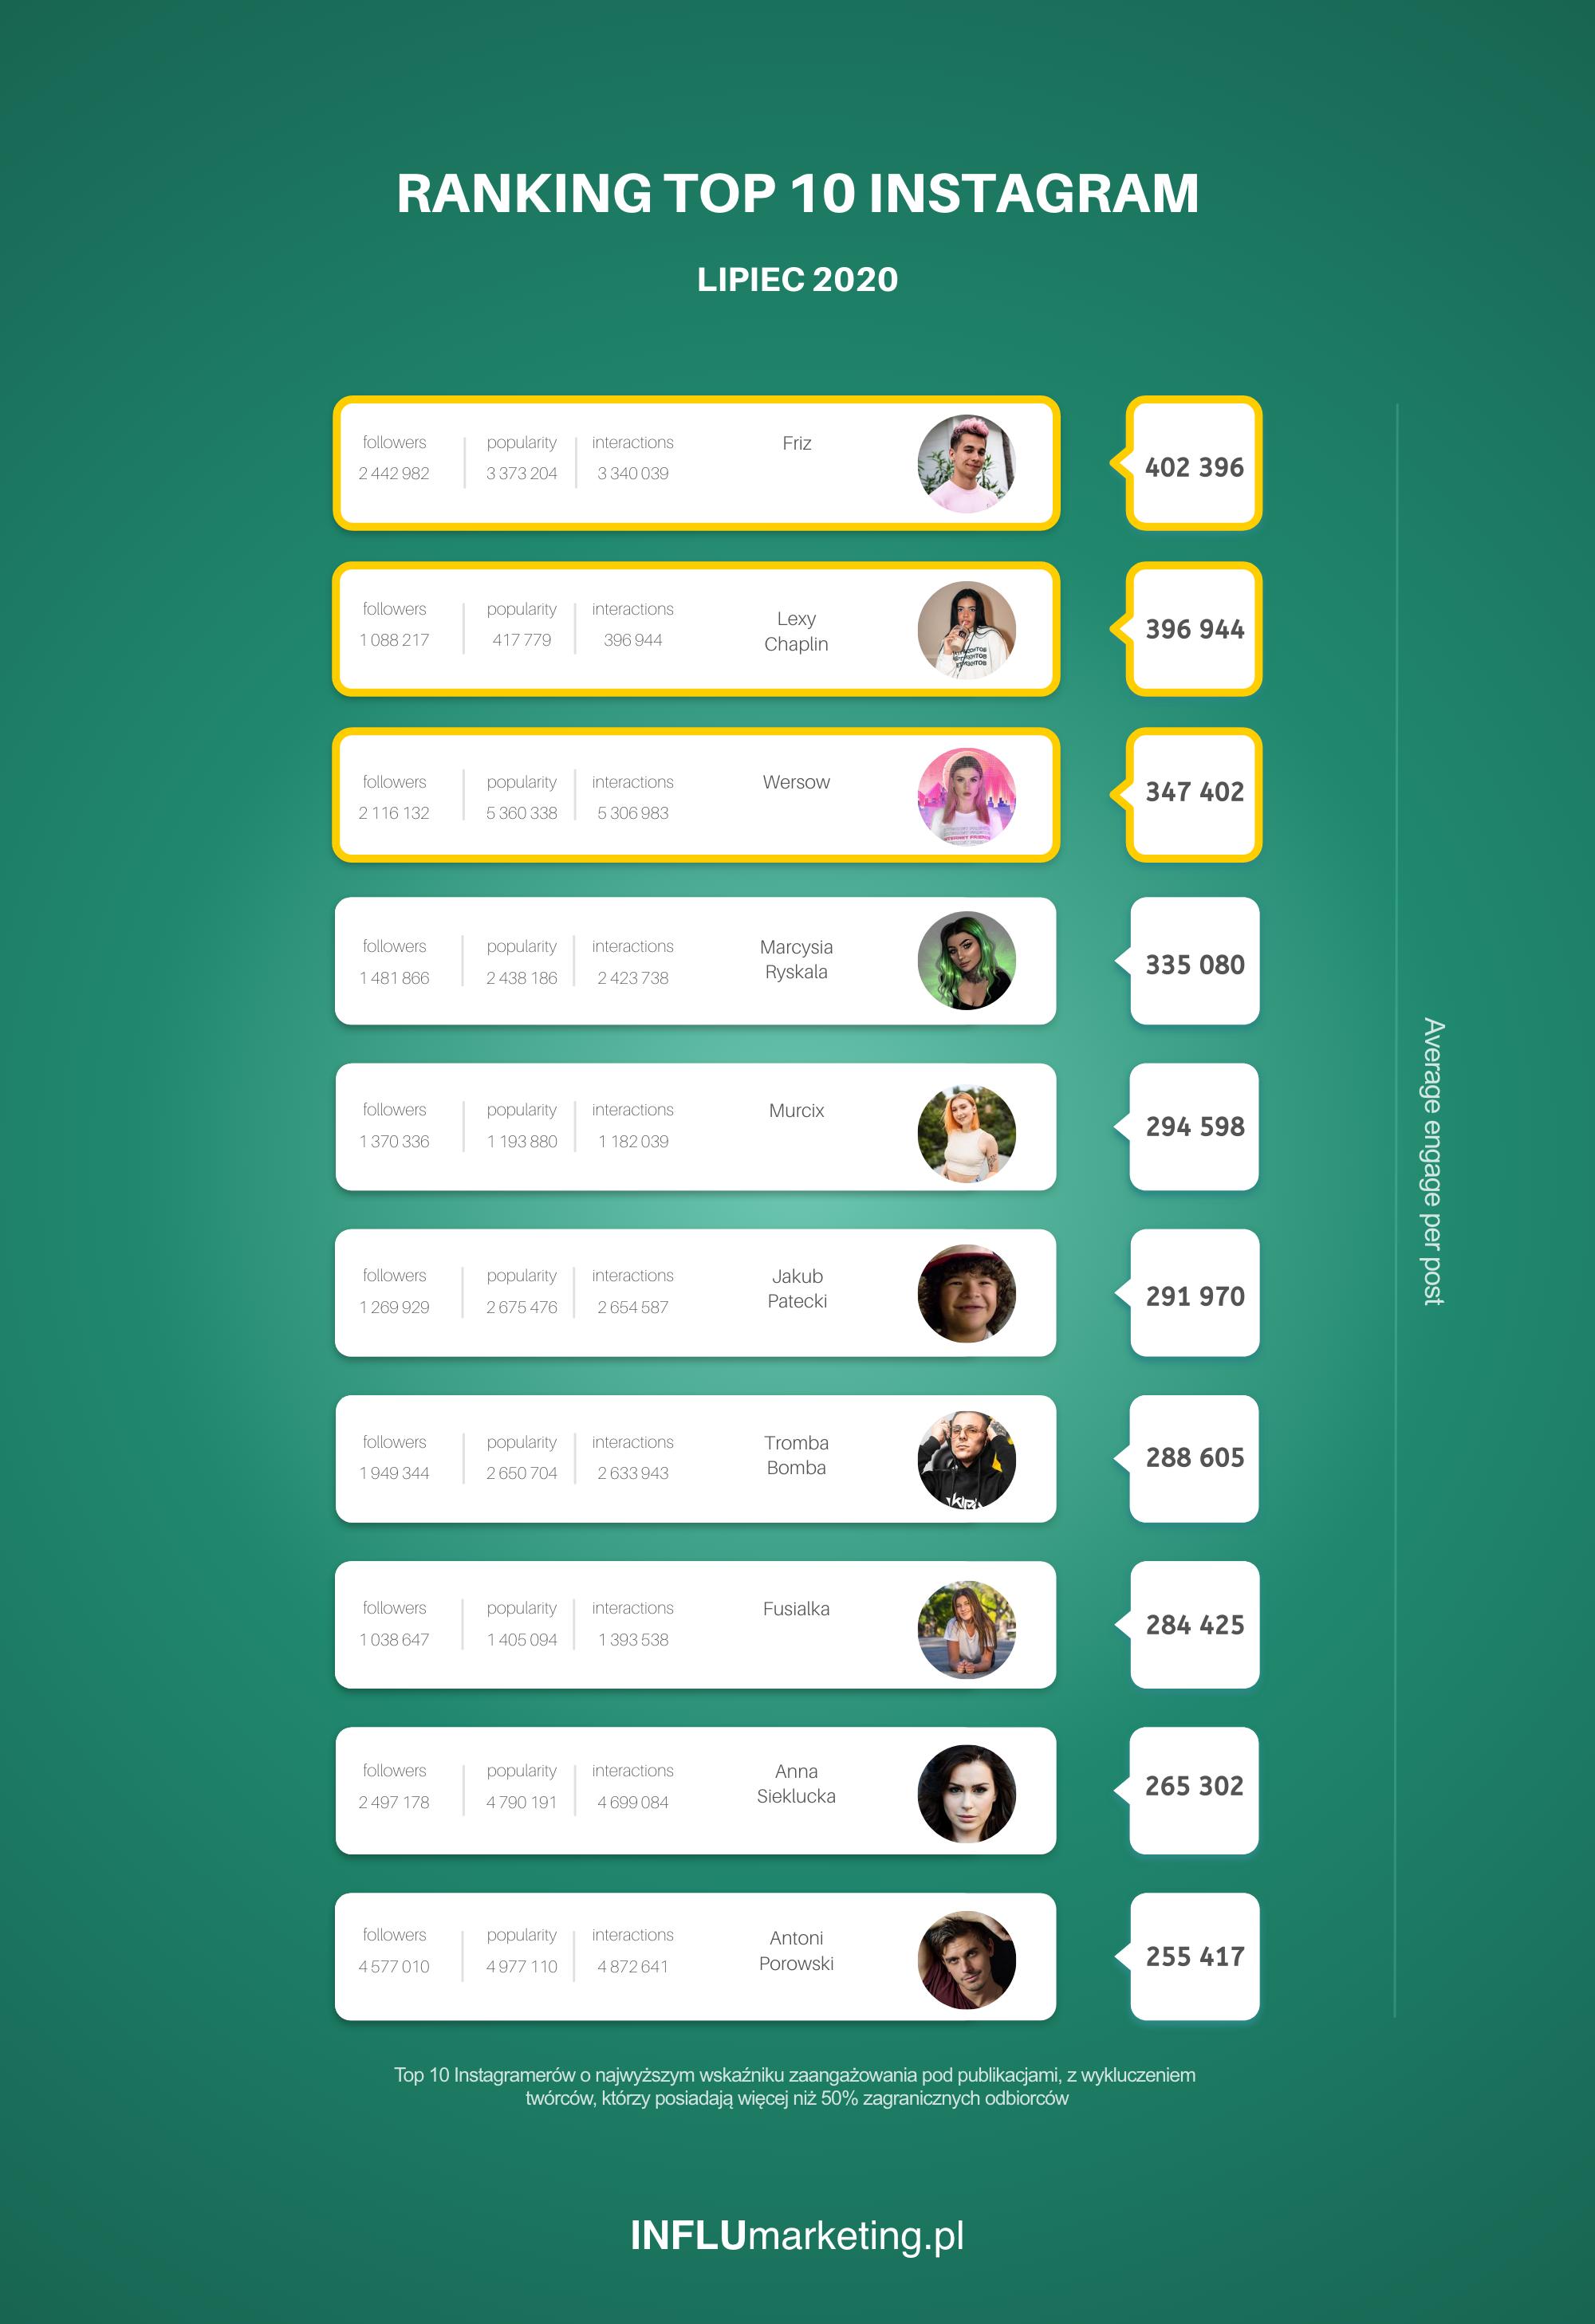 Ranking Instagram 2020 lipiec 2020